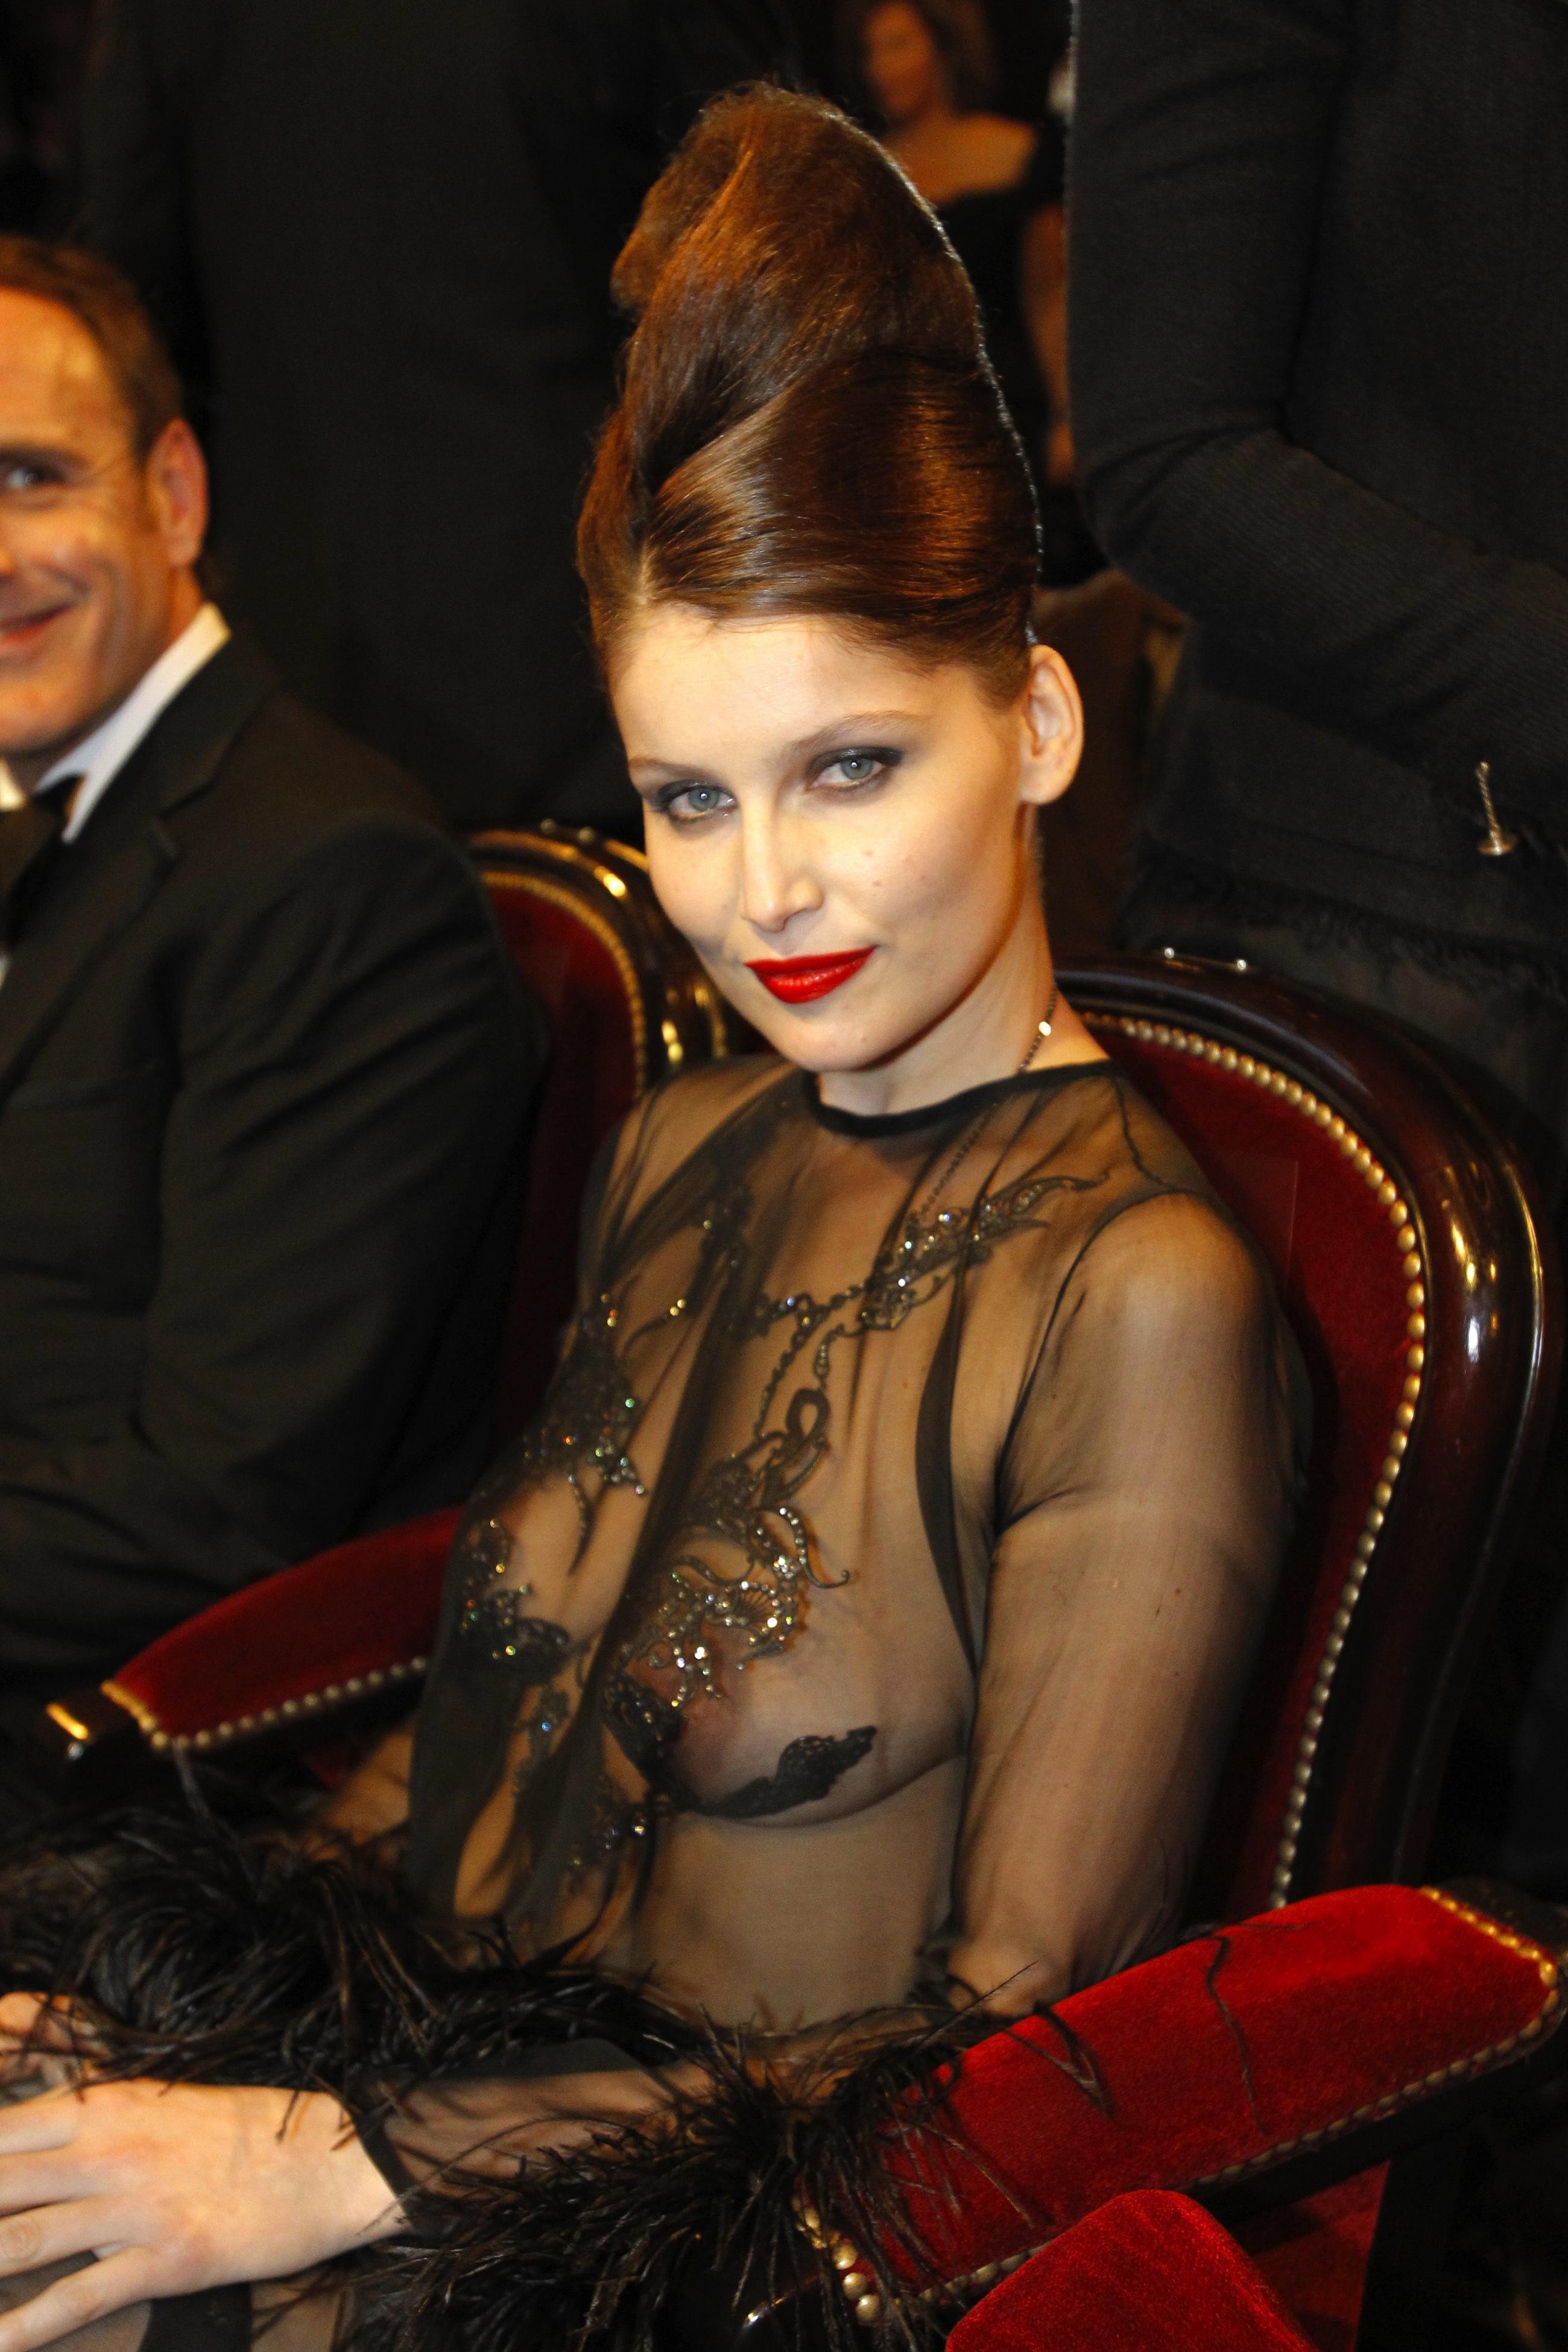 Русские знаменитости в прозрачной одежде 11 фотография